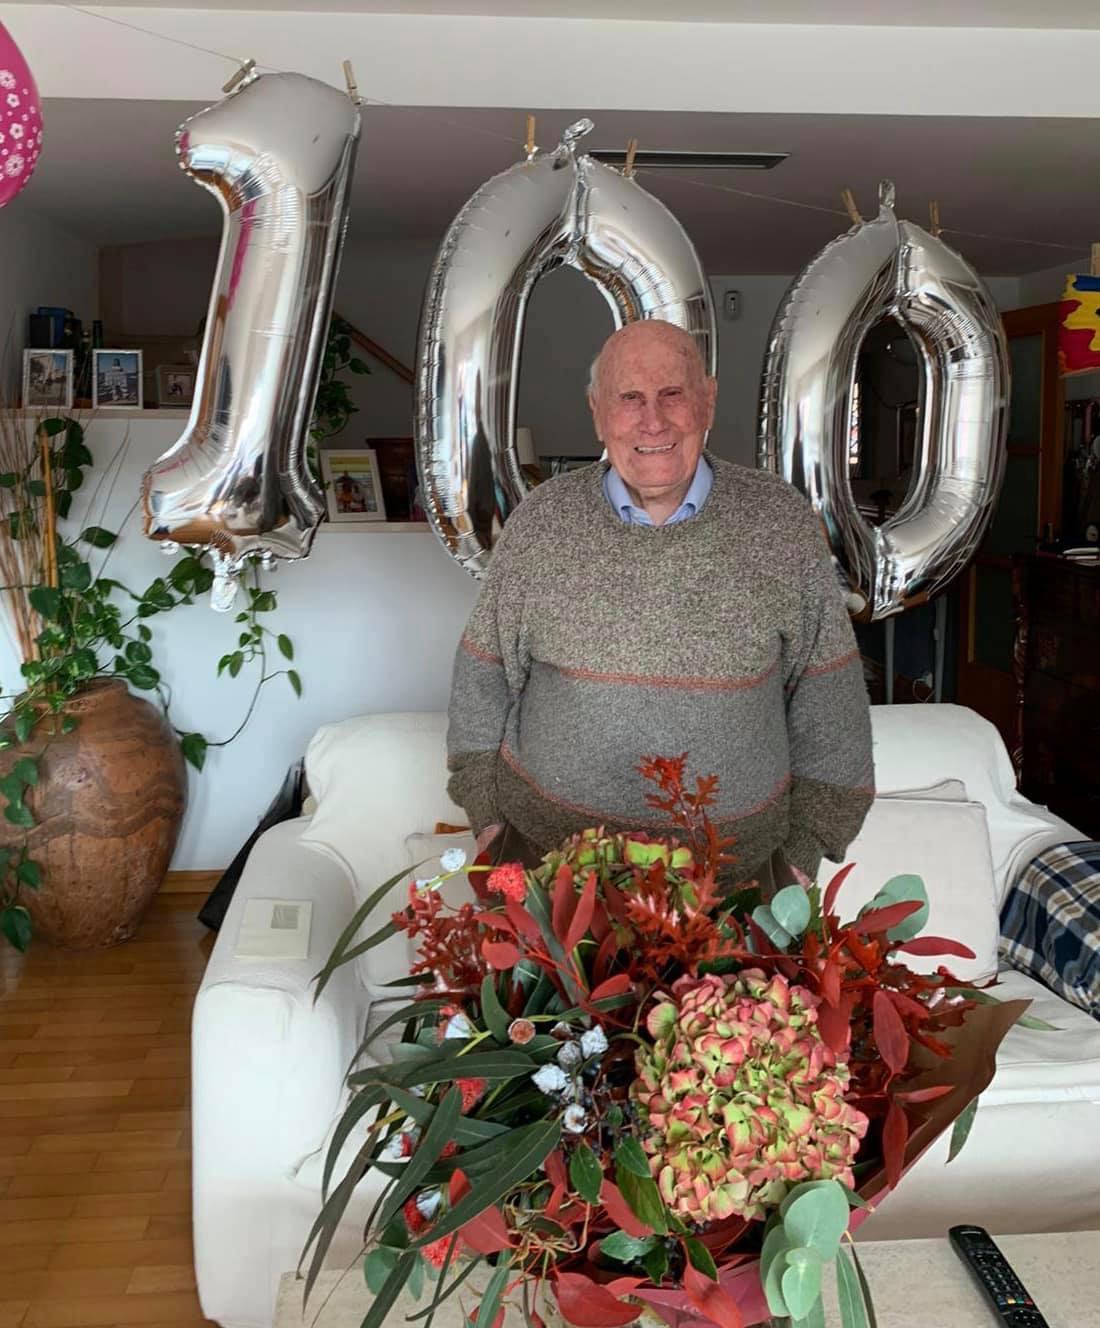 El bisbalenc Jaume Calbet i Solé ha fet 100 anys avui dimecres 18 de novembre